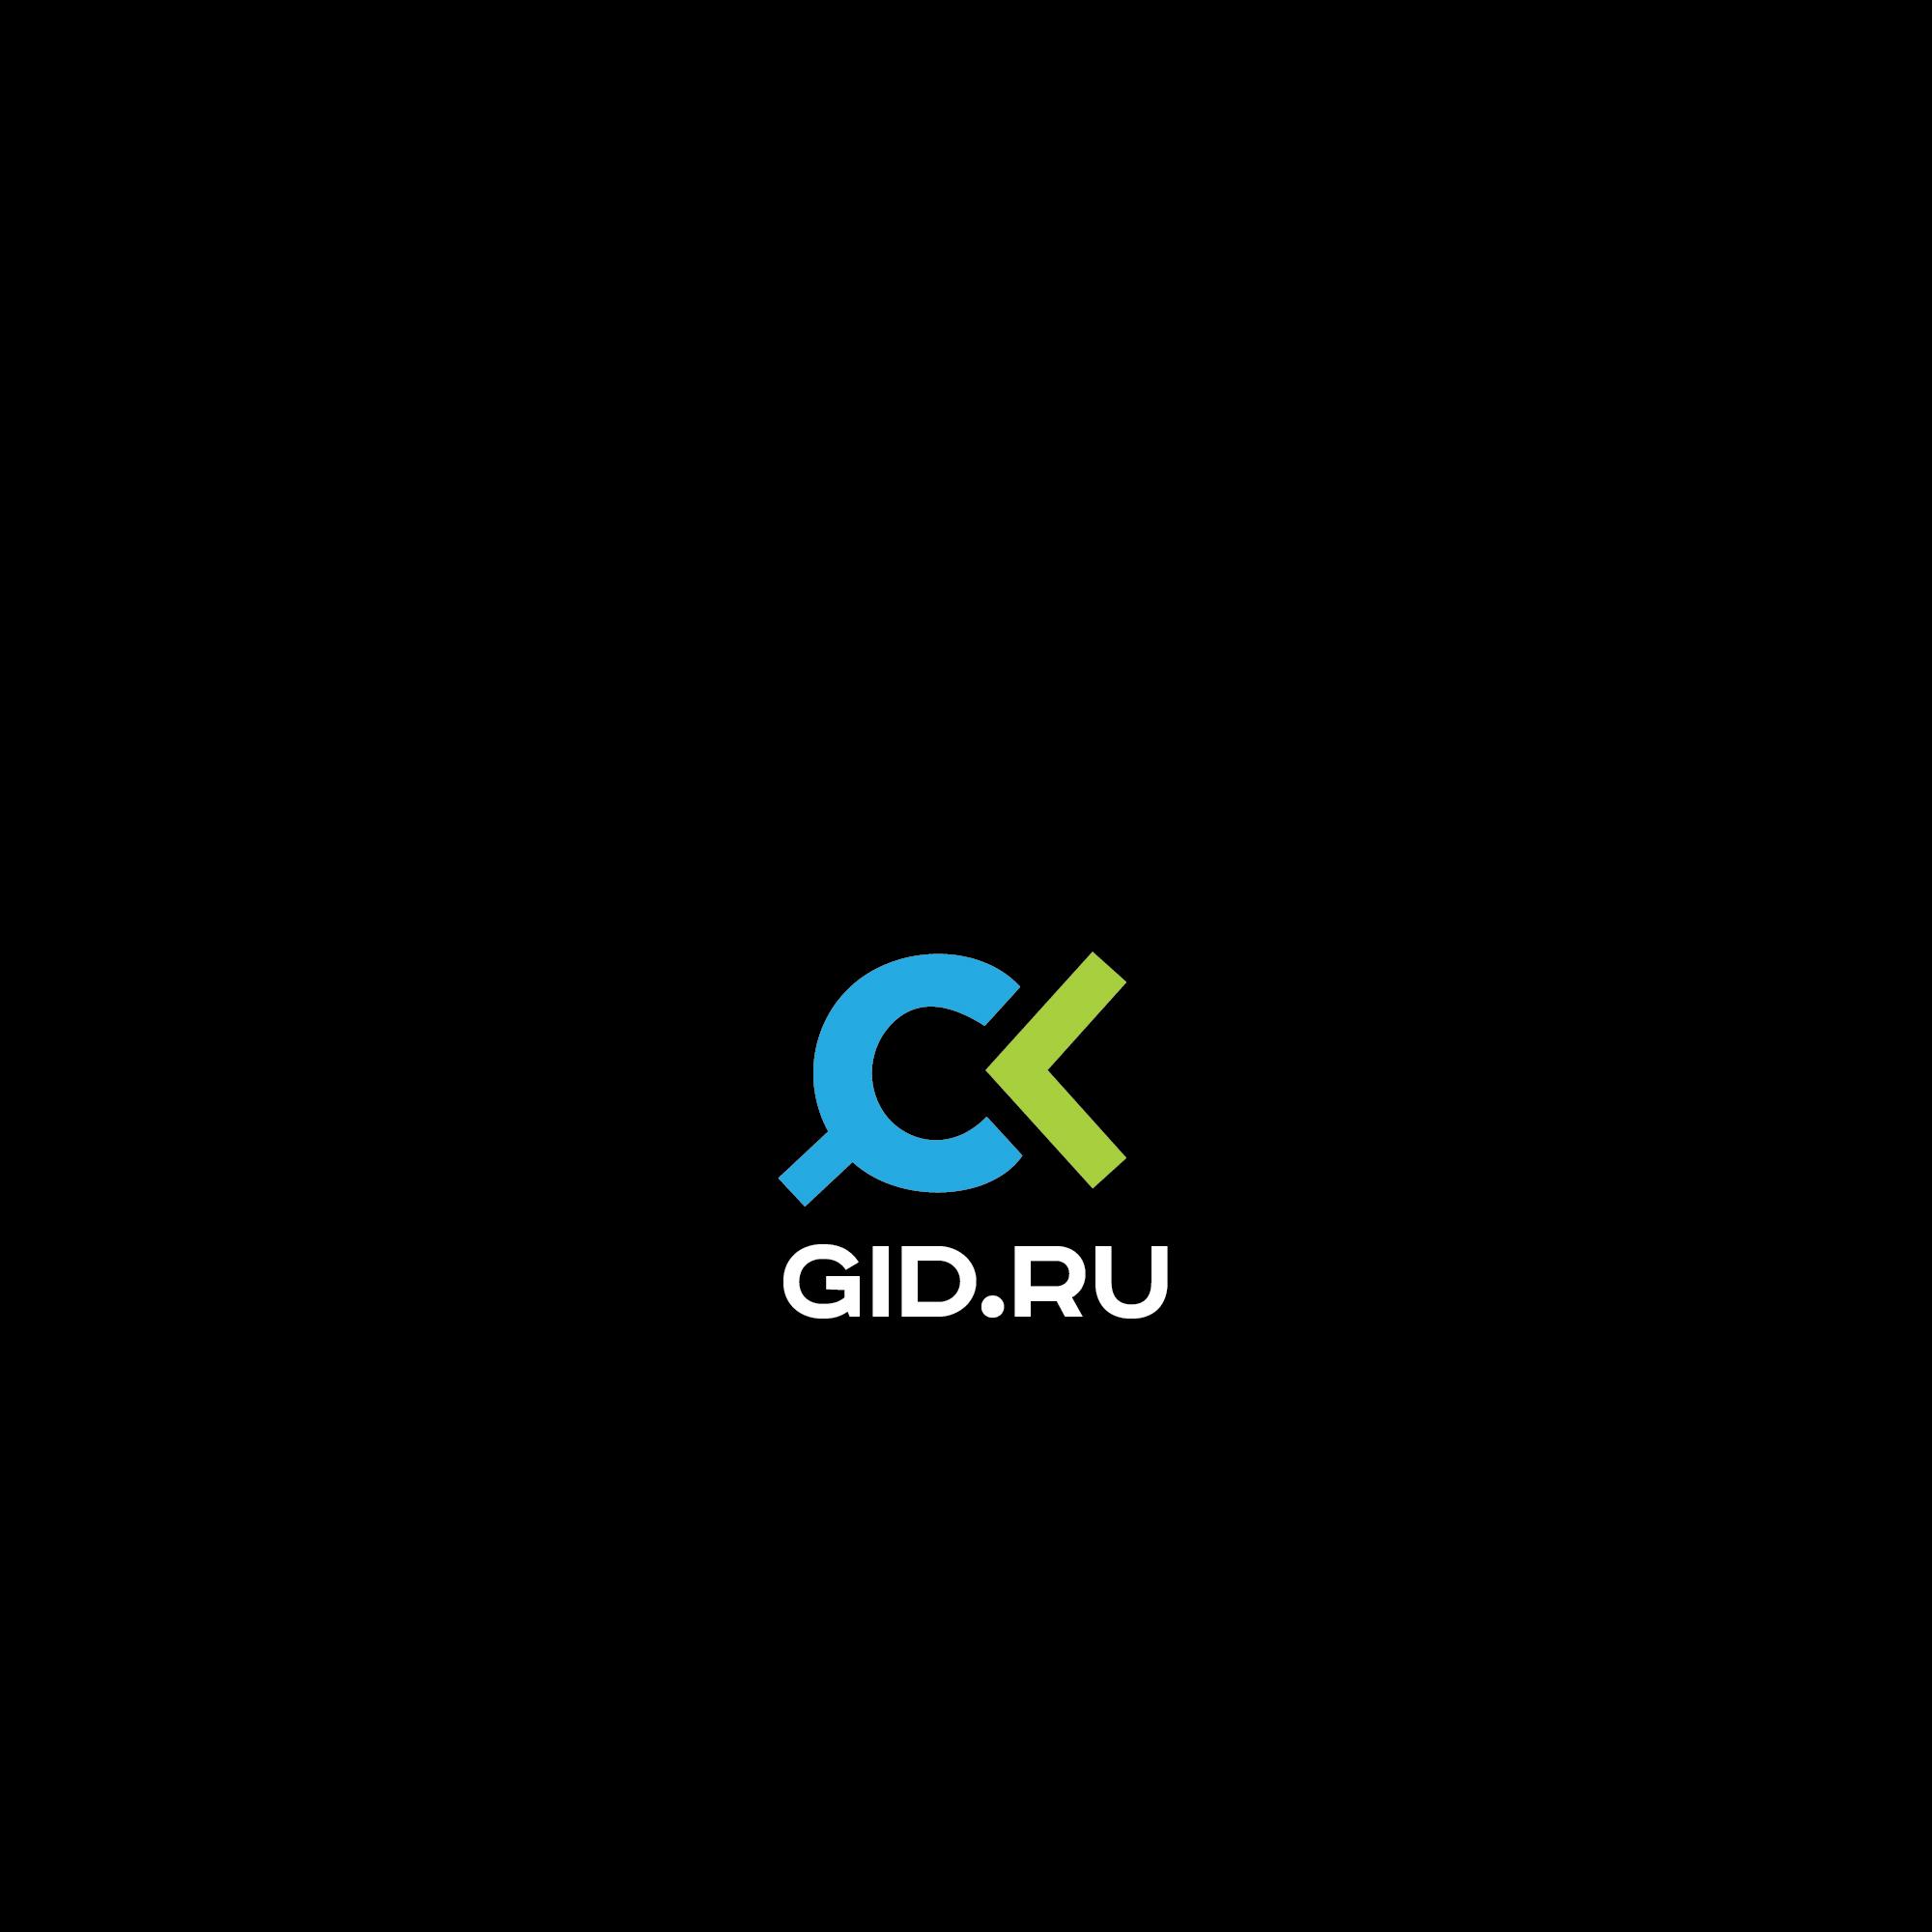 Логотип для сайта OKgid.ru фото f_61557c37a5c806c8.jpg